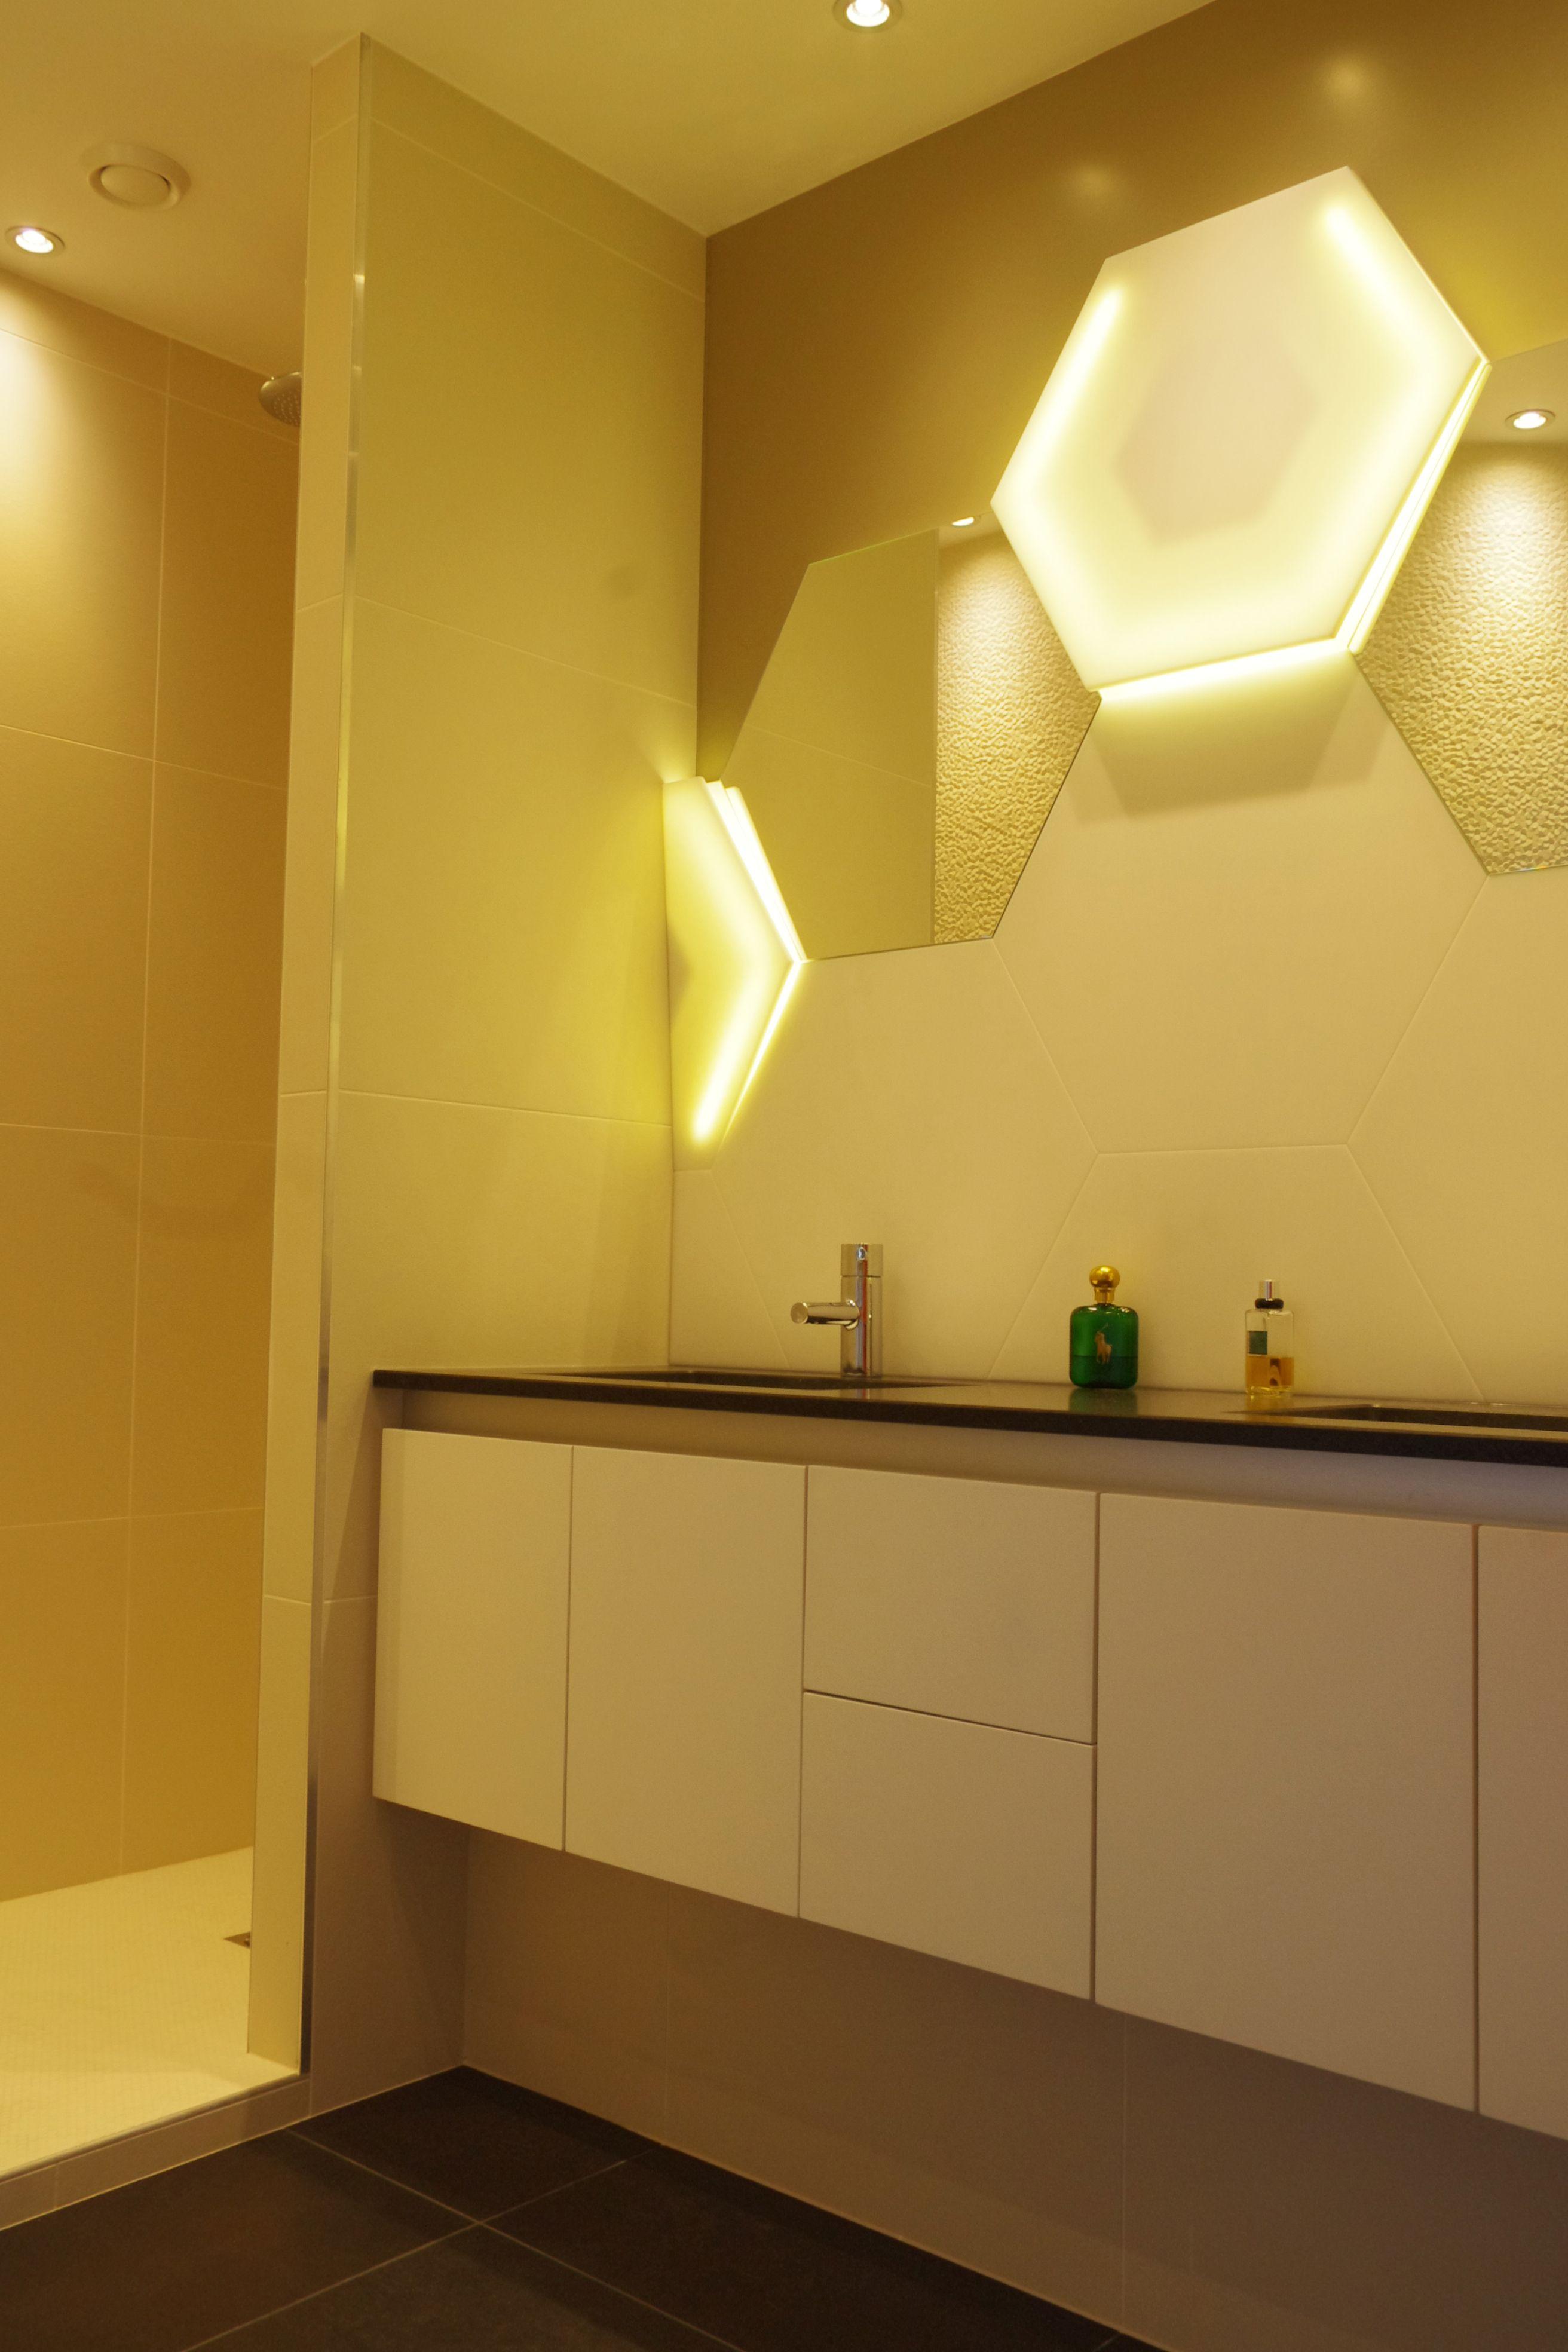 Habillage de salle de bains vasques éclairage